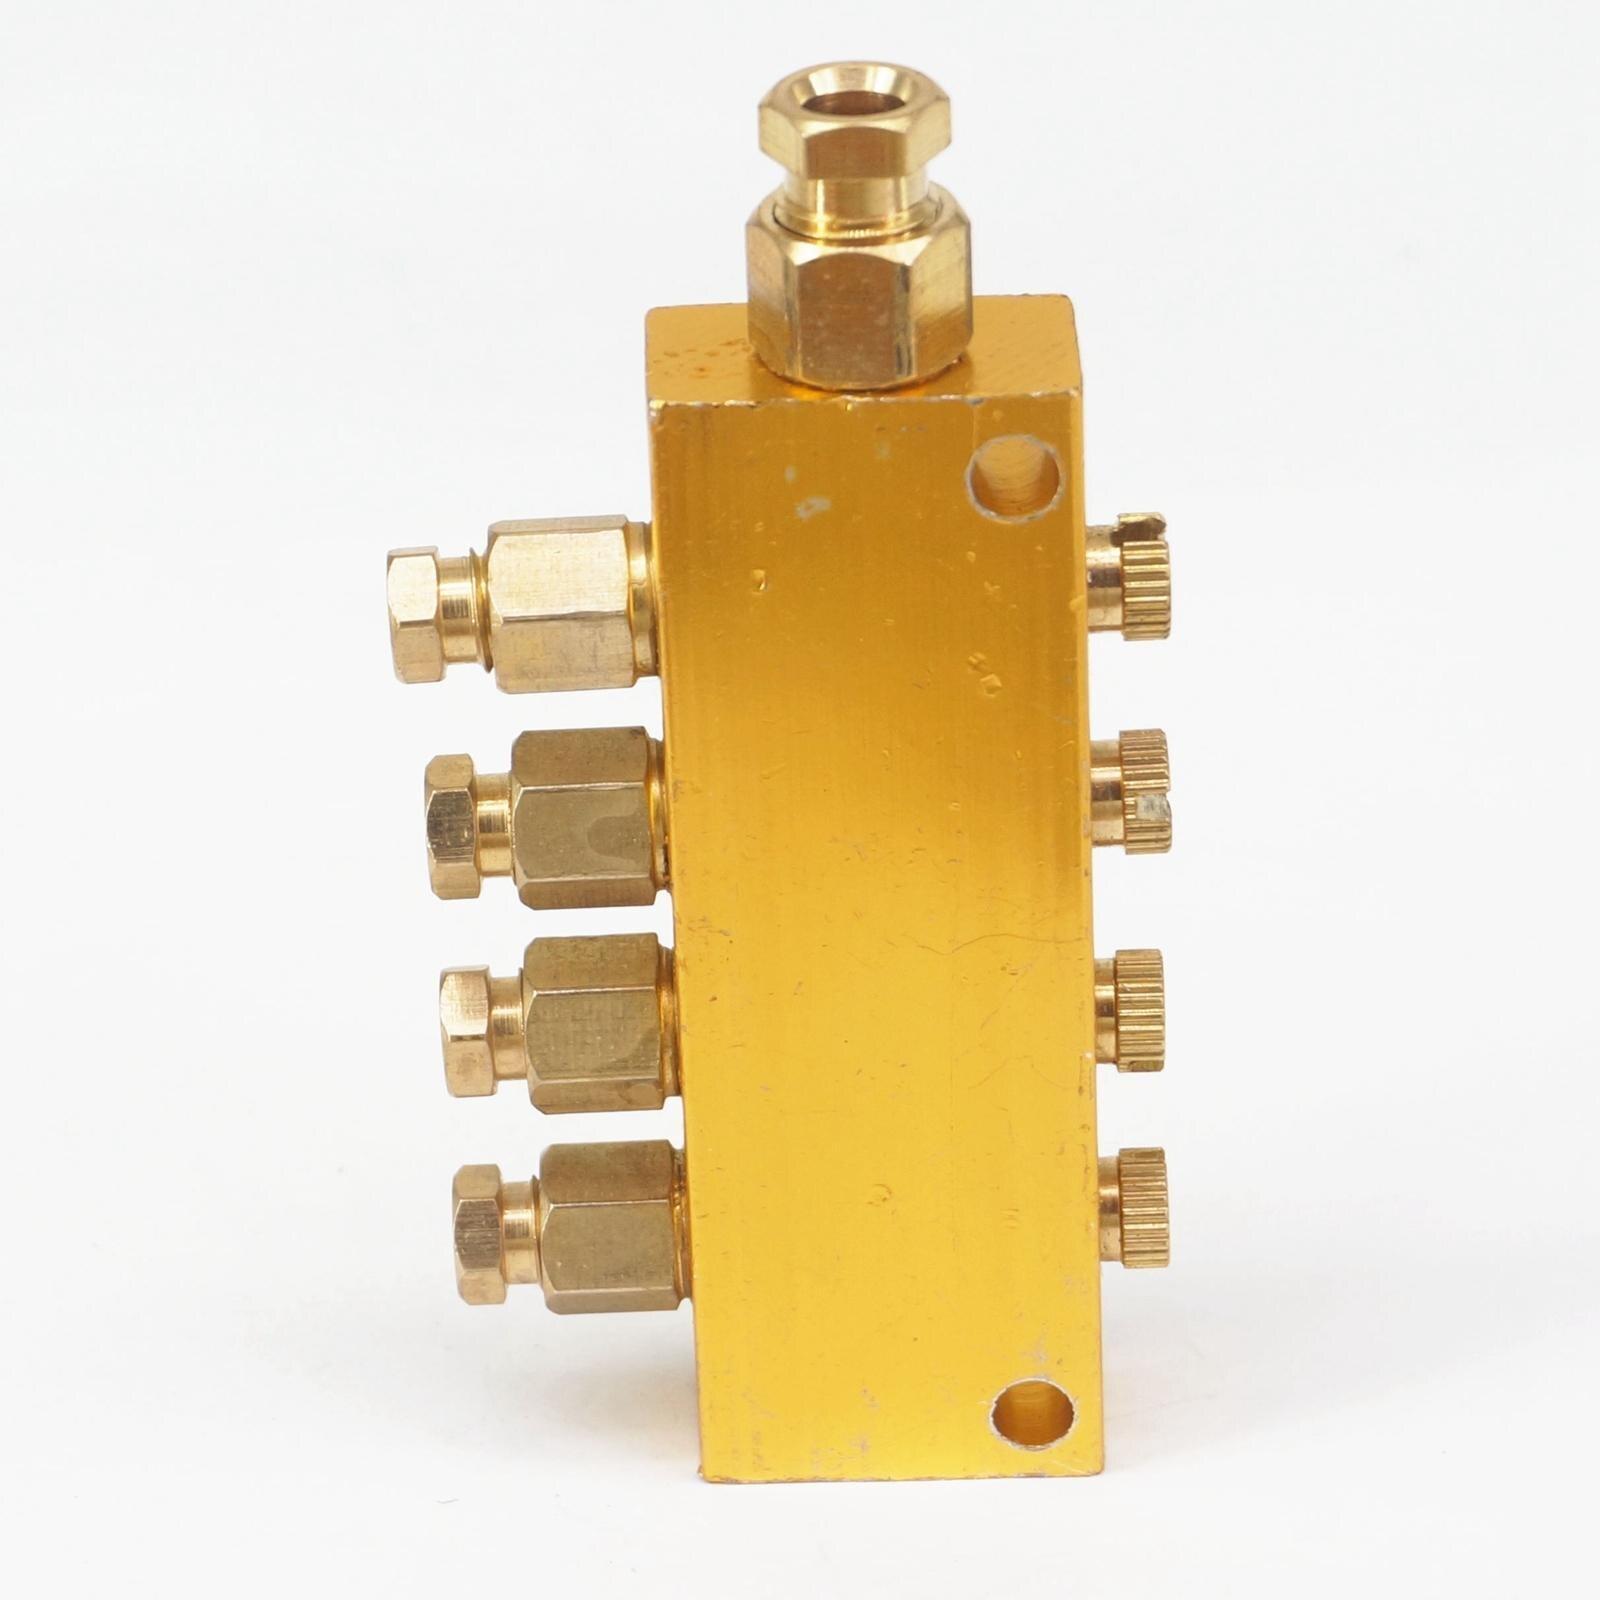 Aluminio 4 vías 6mm en 4mm Out ajustable aceite lubricante pistón distribuidor valor colector bloque para sistema de lubricación centralizada